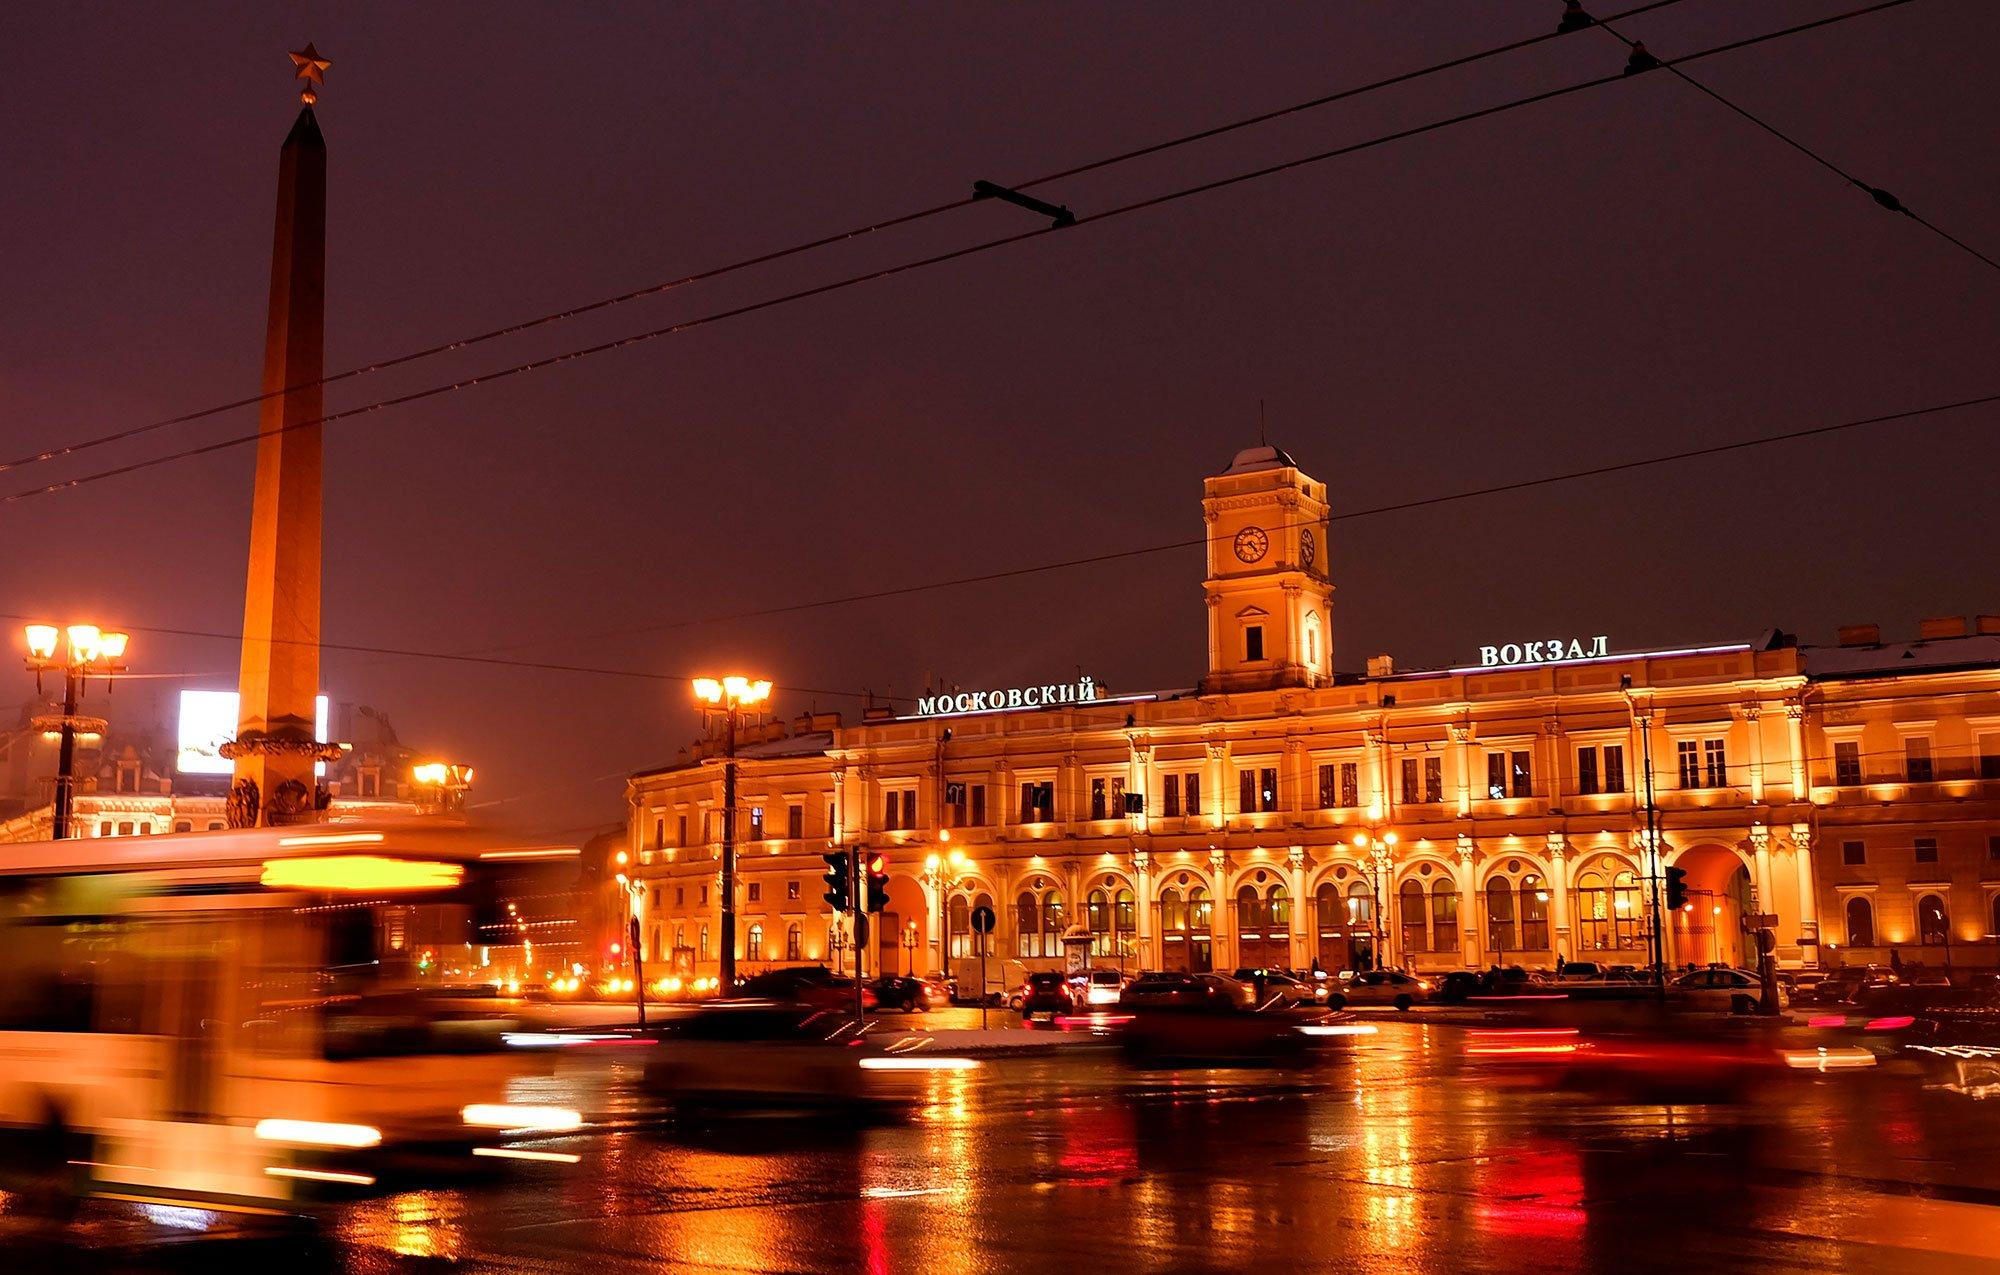 фотографии московского вокзала в хорошем качестве сводится